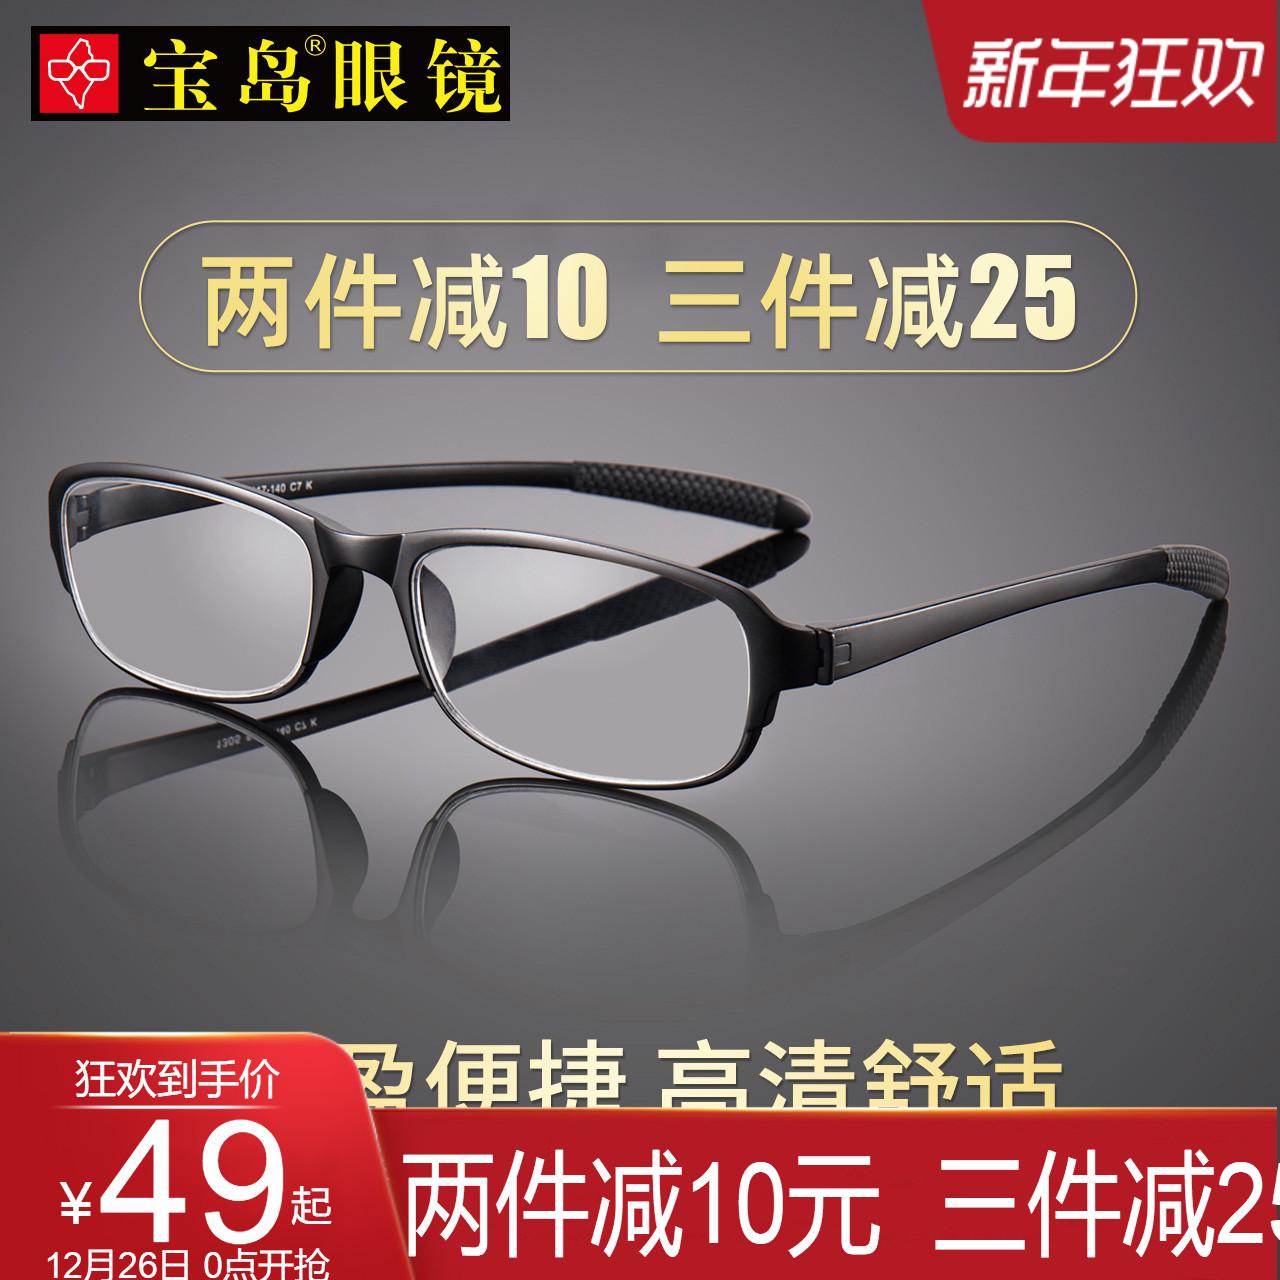 宝岛老花镜男时尚超轻高清优雅老人老光老花眼镜女便携舒适老花镜